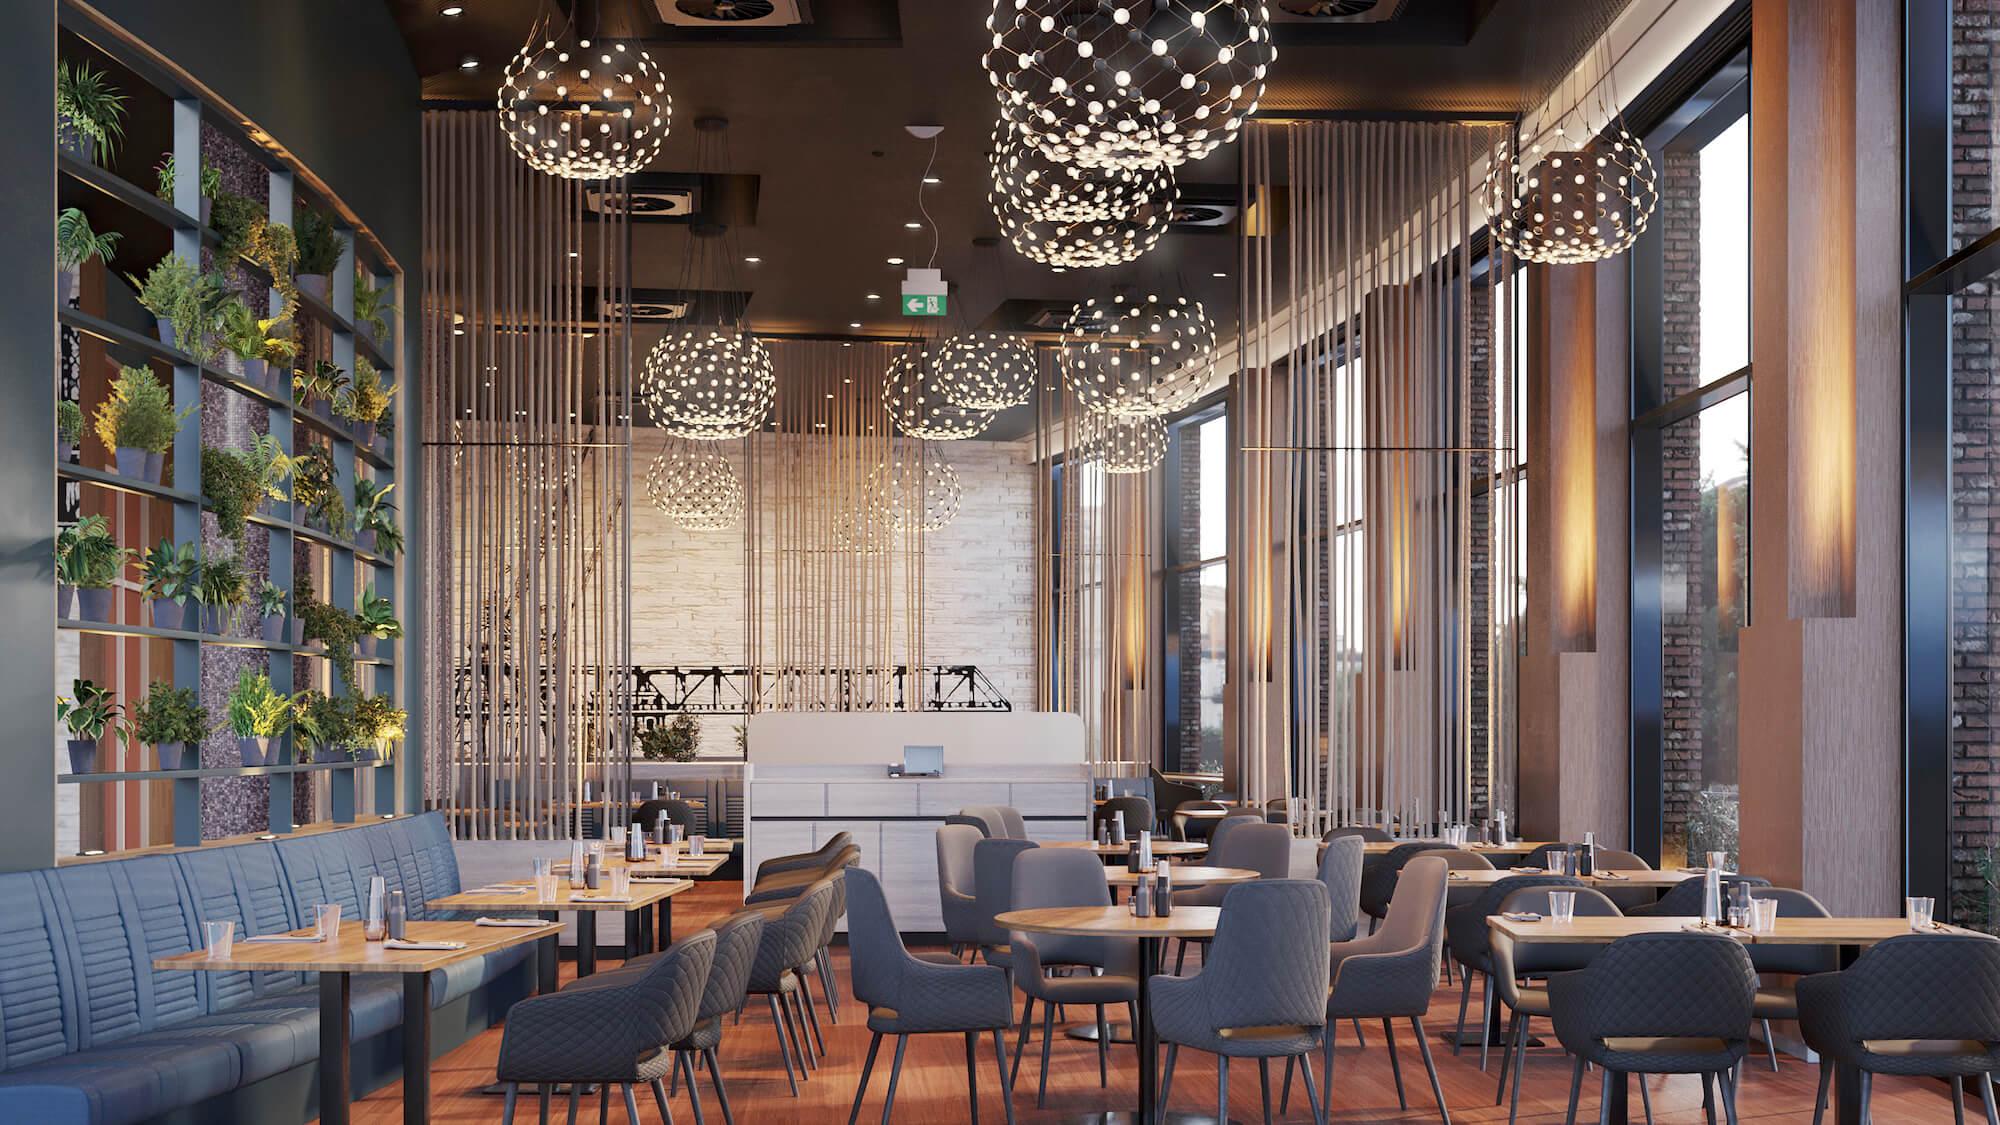 Hotelrestaurant mit professionelle Beleuchtung von einem Lichtplaner